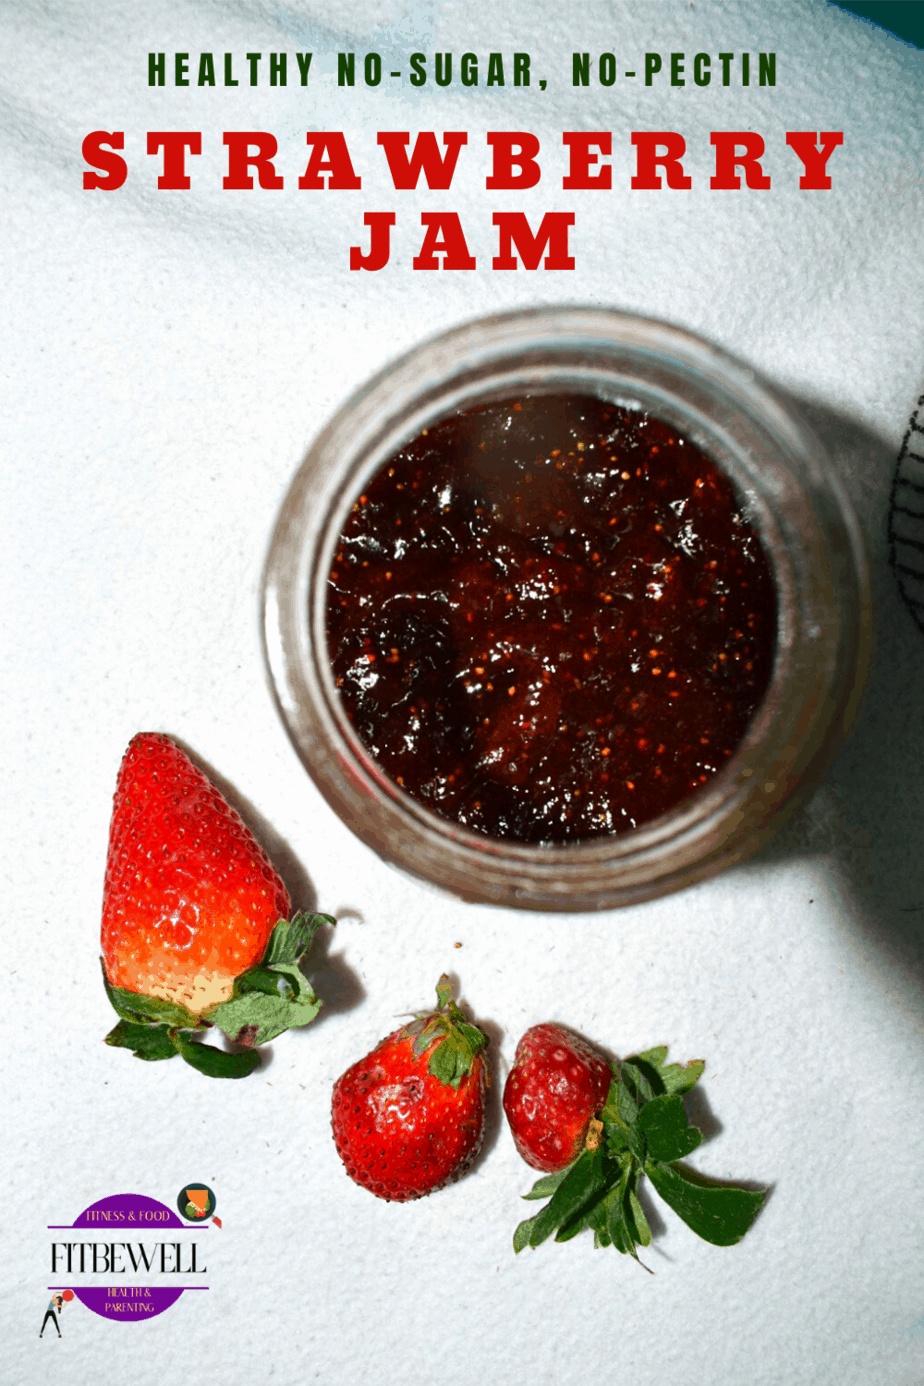 Healthy homemade Sugar-less Strawberry jam.